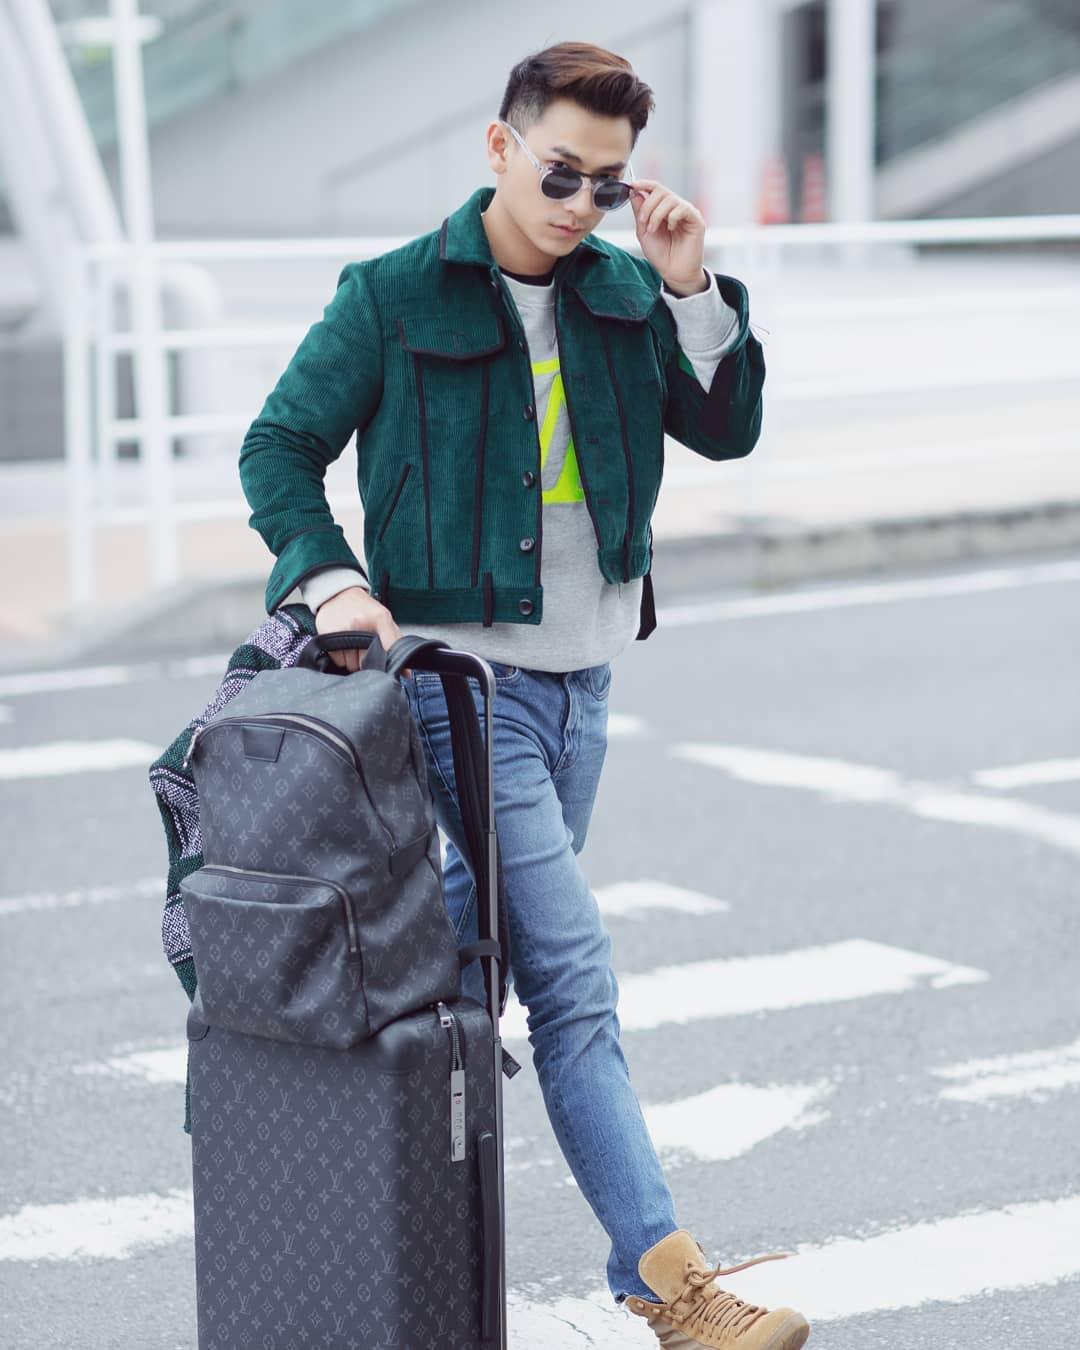 Isaac mở đầu top thời trang sao nam tuần 1 tháng 12 với outfit hiện đại. Ảnh: Chanh Nguyễn